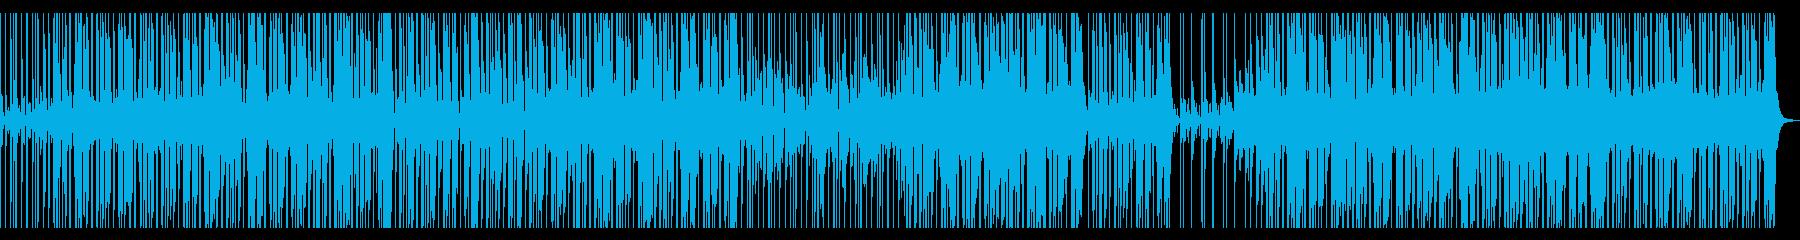 【ギターオブリ無し】スローファンクロックの再生済みの波形